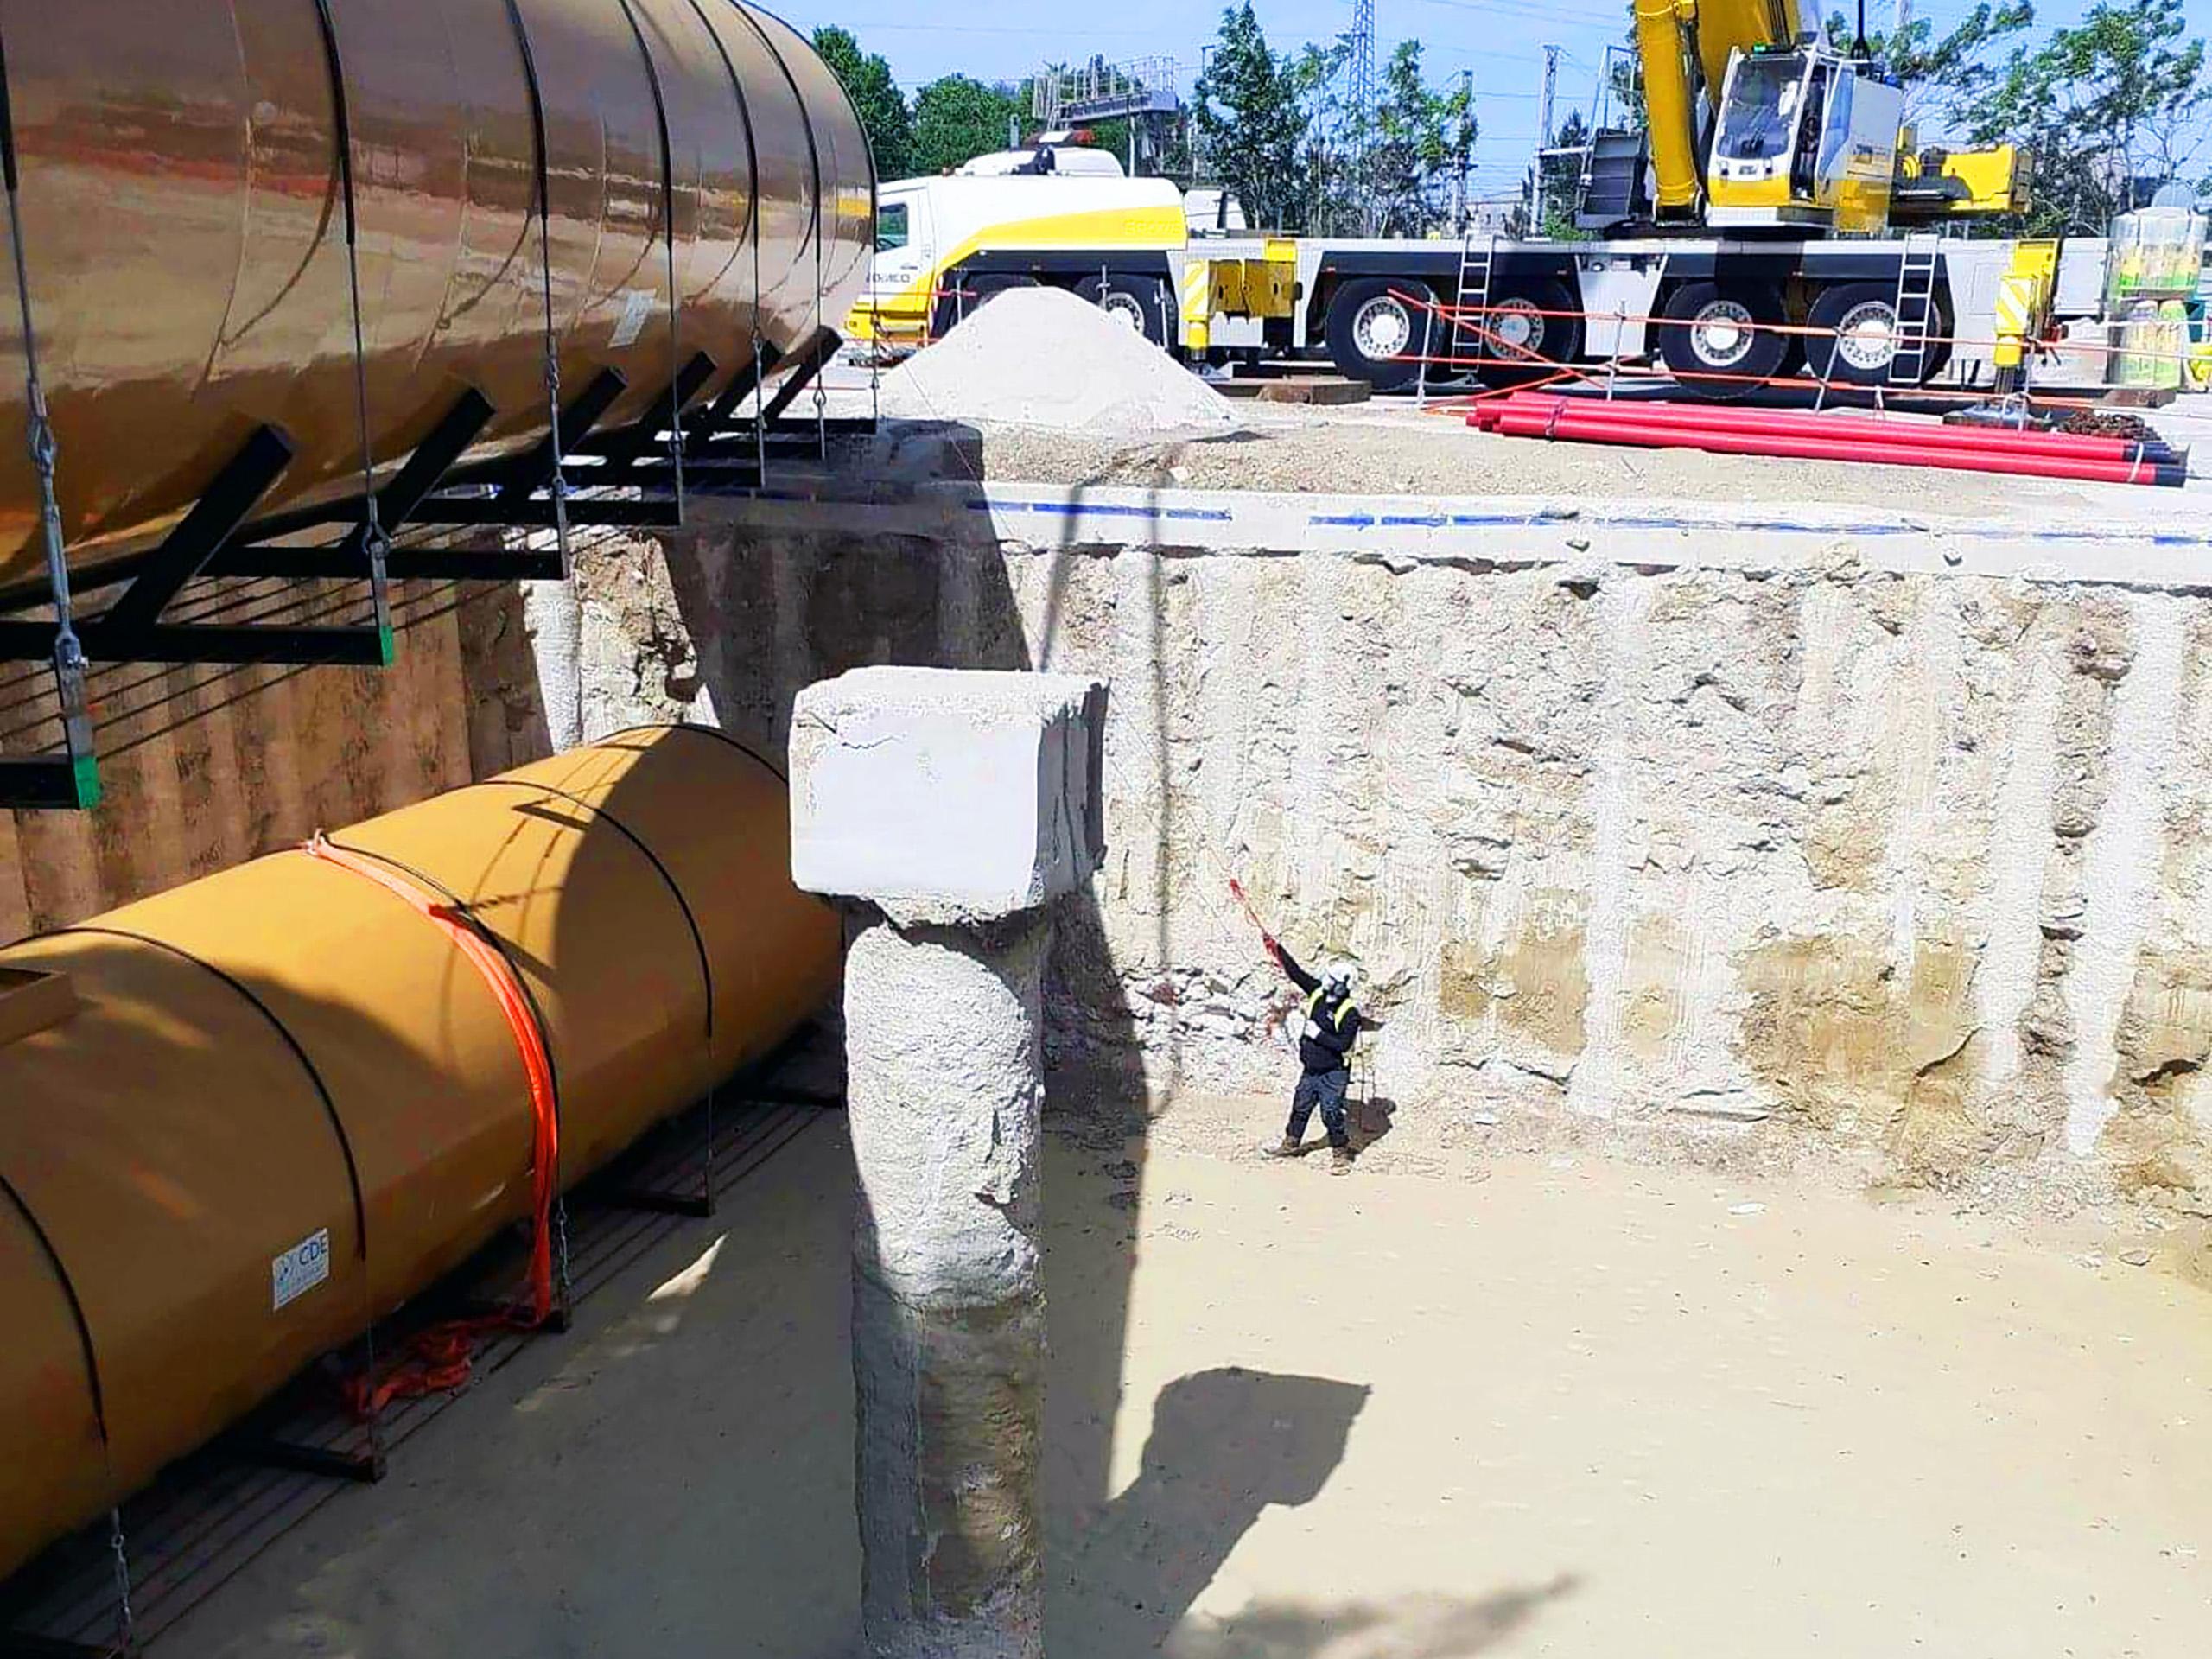 Des tuyaux 4'' KPS Ø125/110 conducteurs assurent le remplissage des cuves avec un débit de 933 l/min